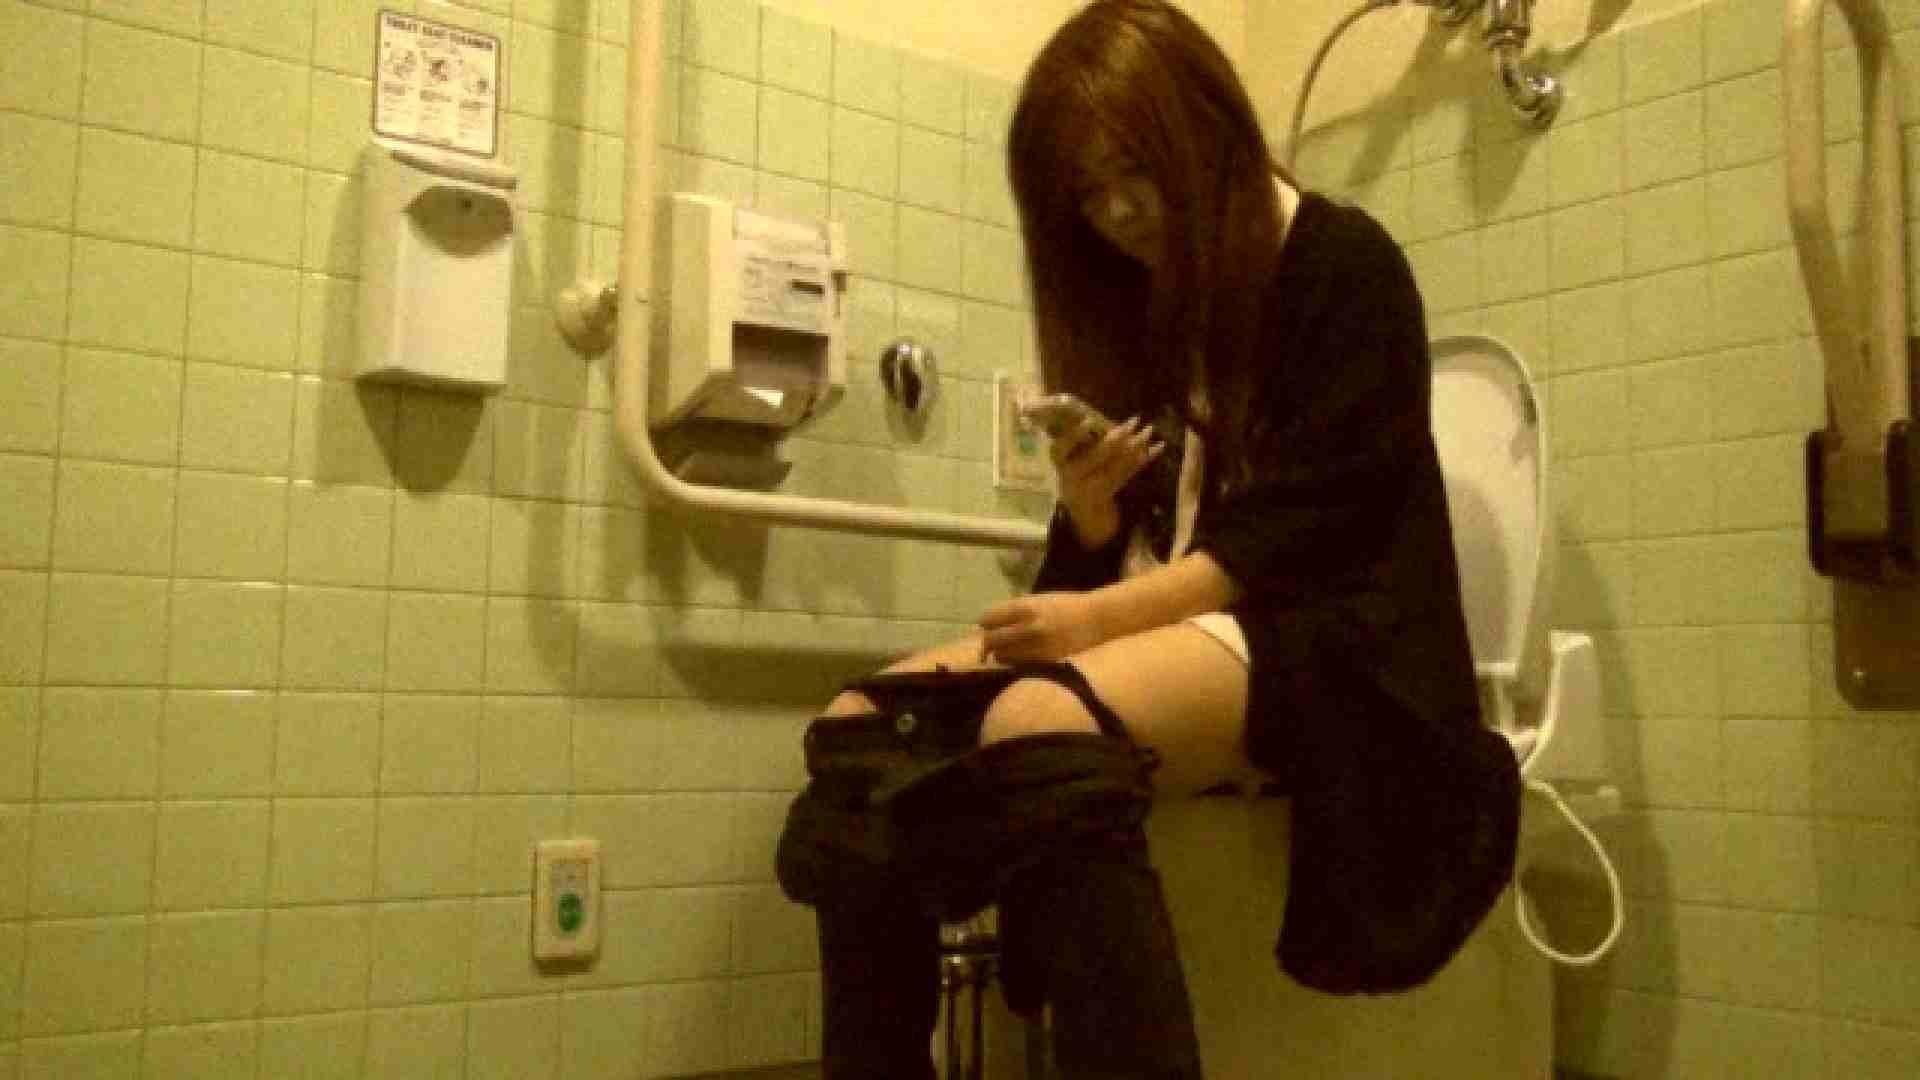 魔術師の お・も・て・な・し vol.26 19歳のバーの店員さんの洗面所をしばし… 洗面所  54連発 28